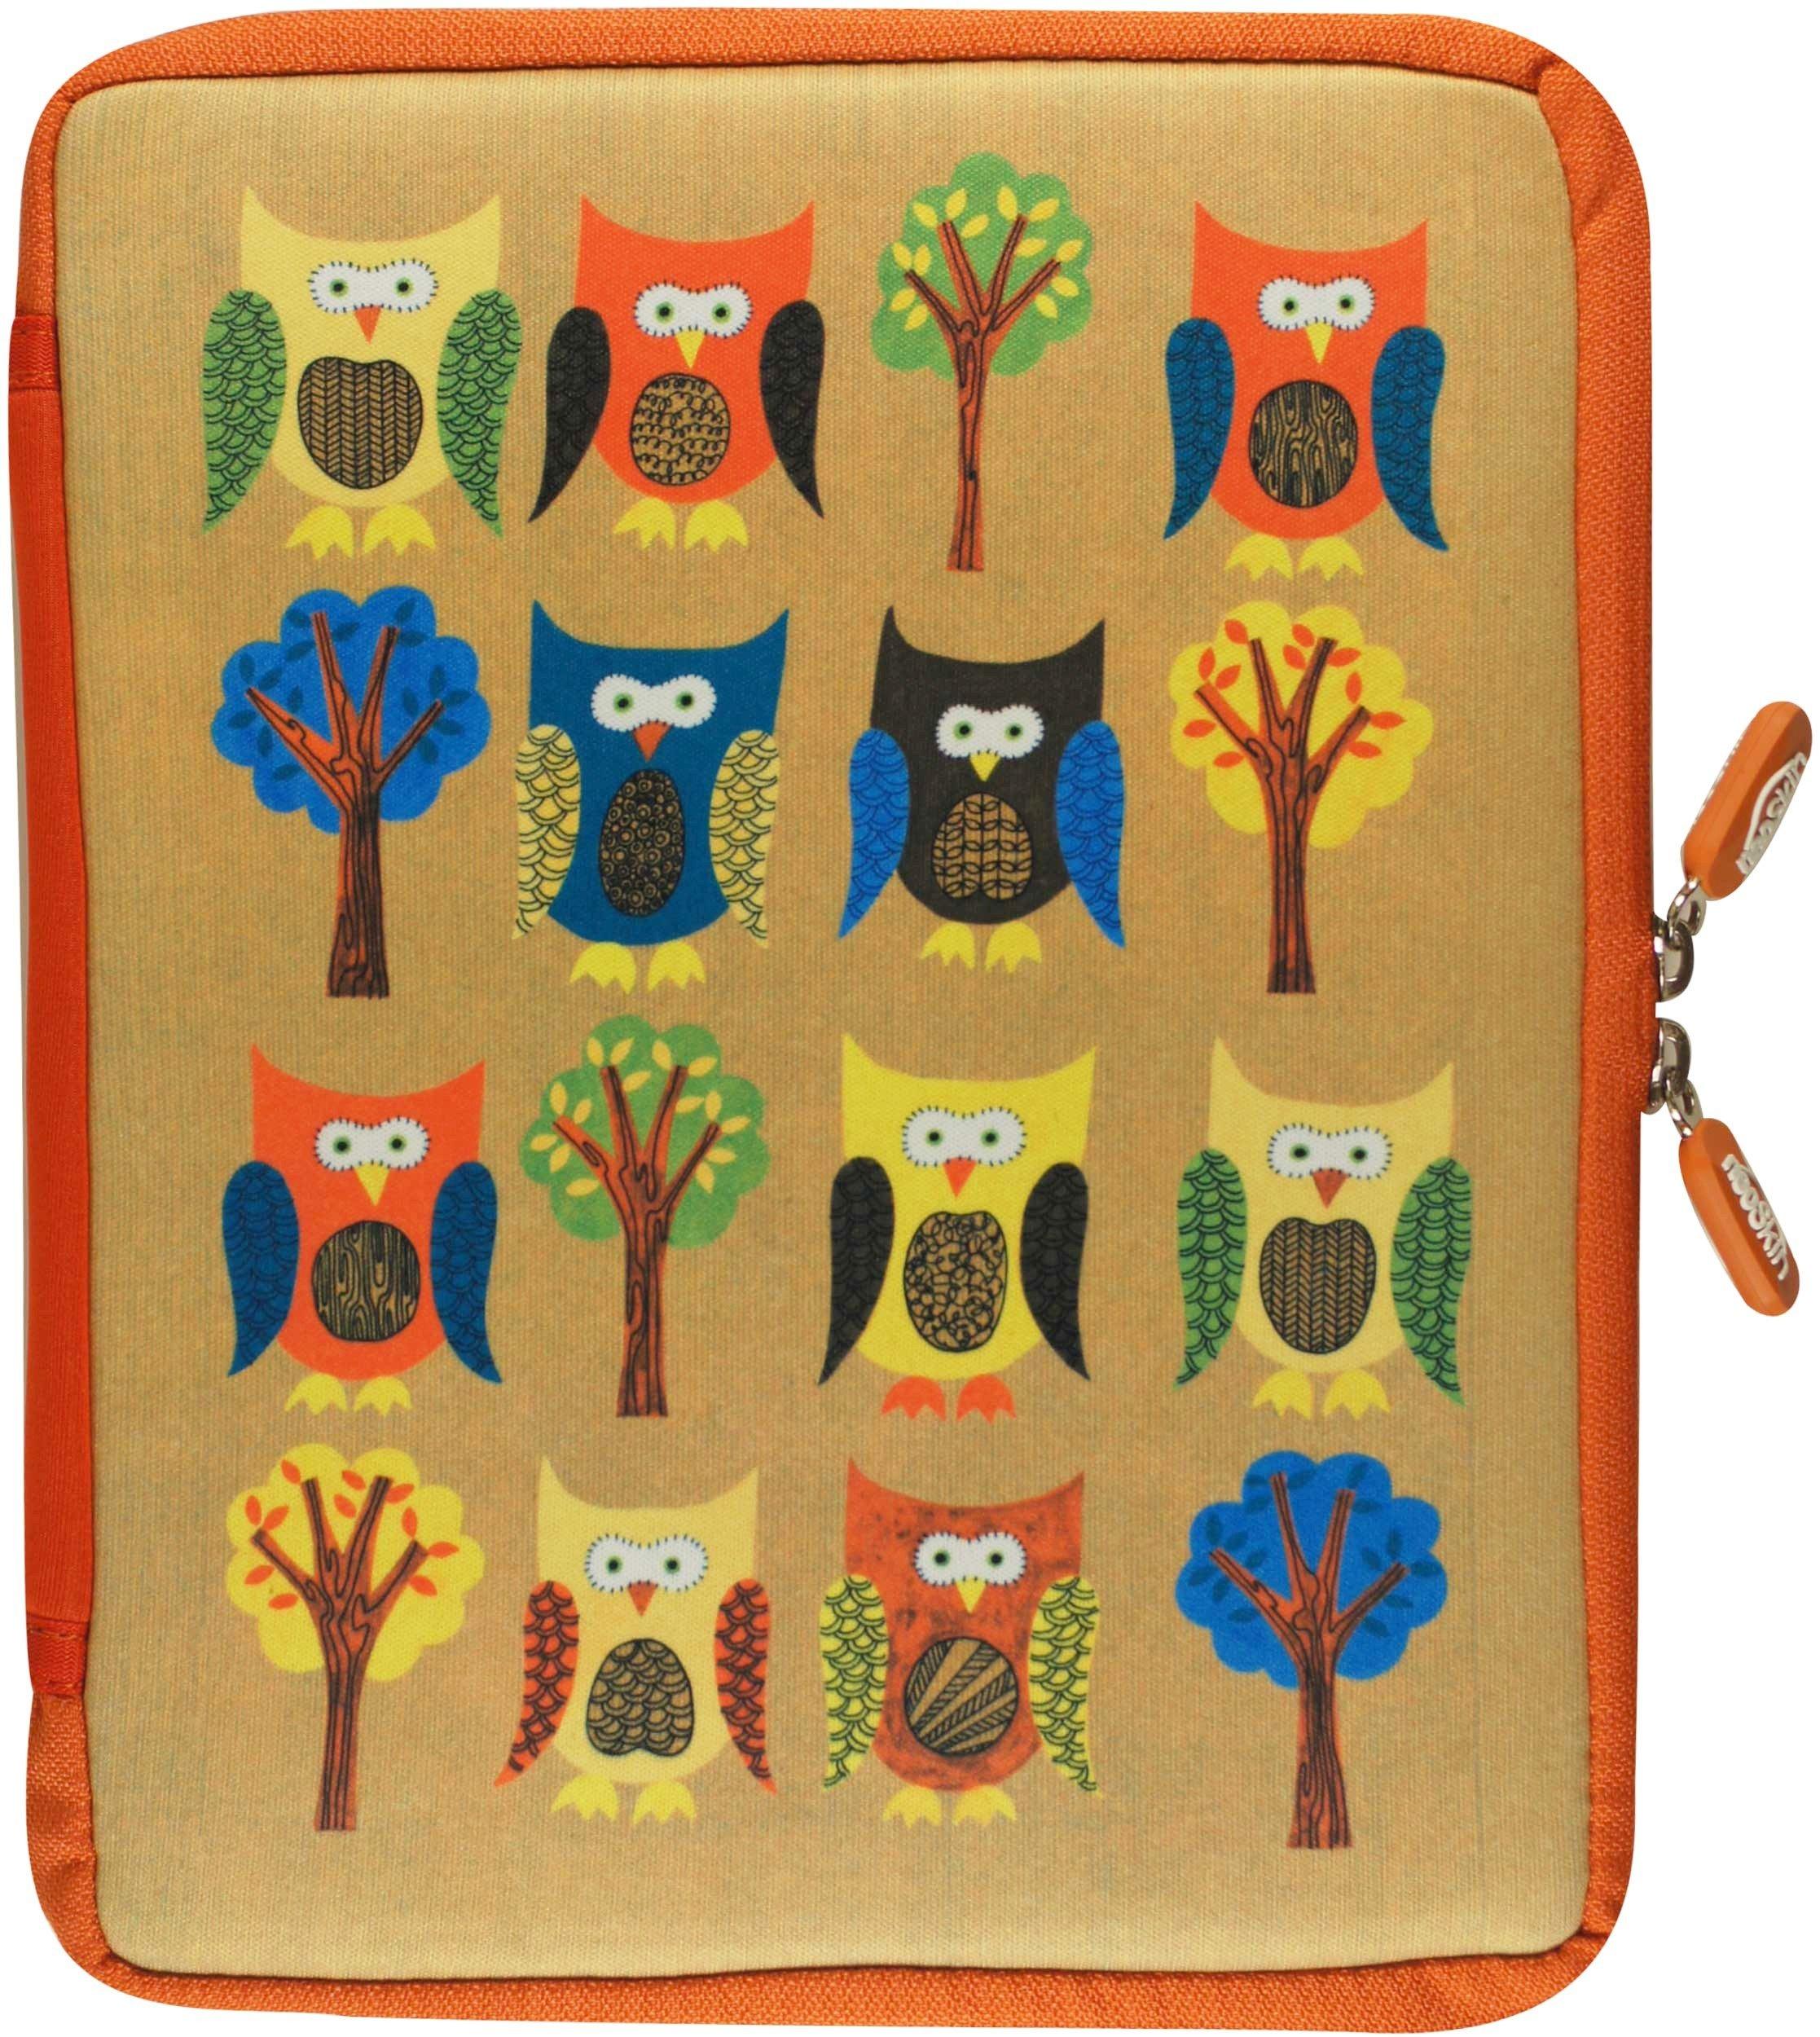 Download NeoSkin iPad Zip Sleeve, Owls (fits iPad 2 and new iPad) (Neoprene iPad Cover, iPad Case) ebook